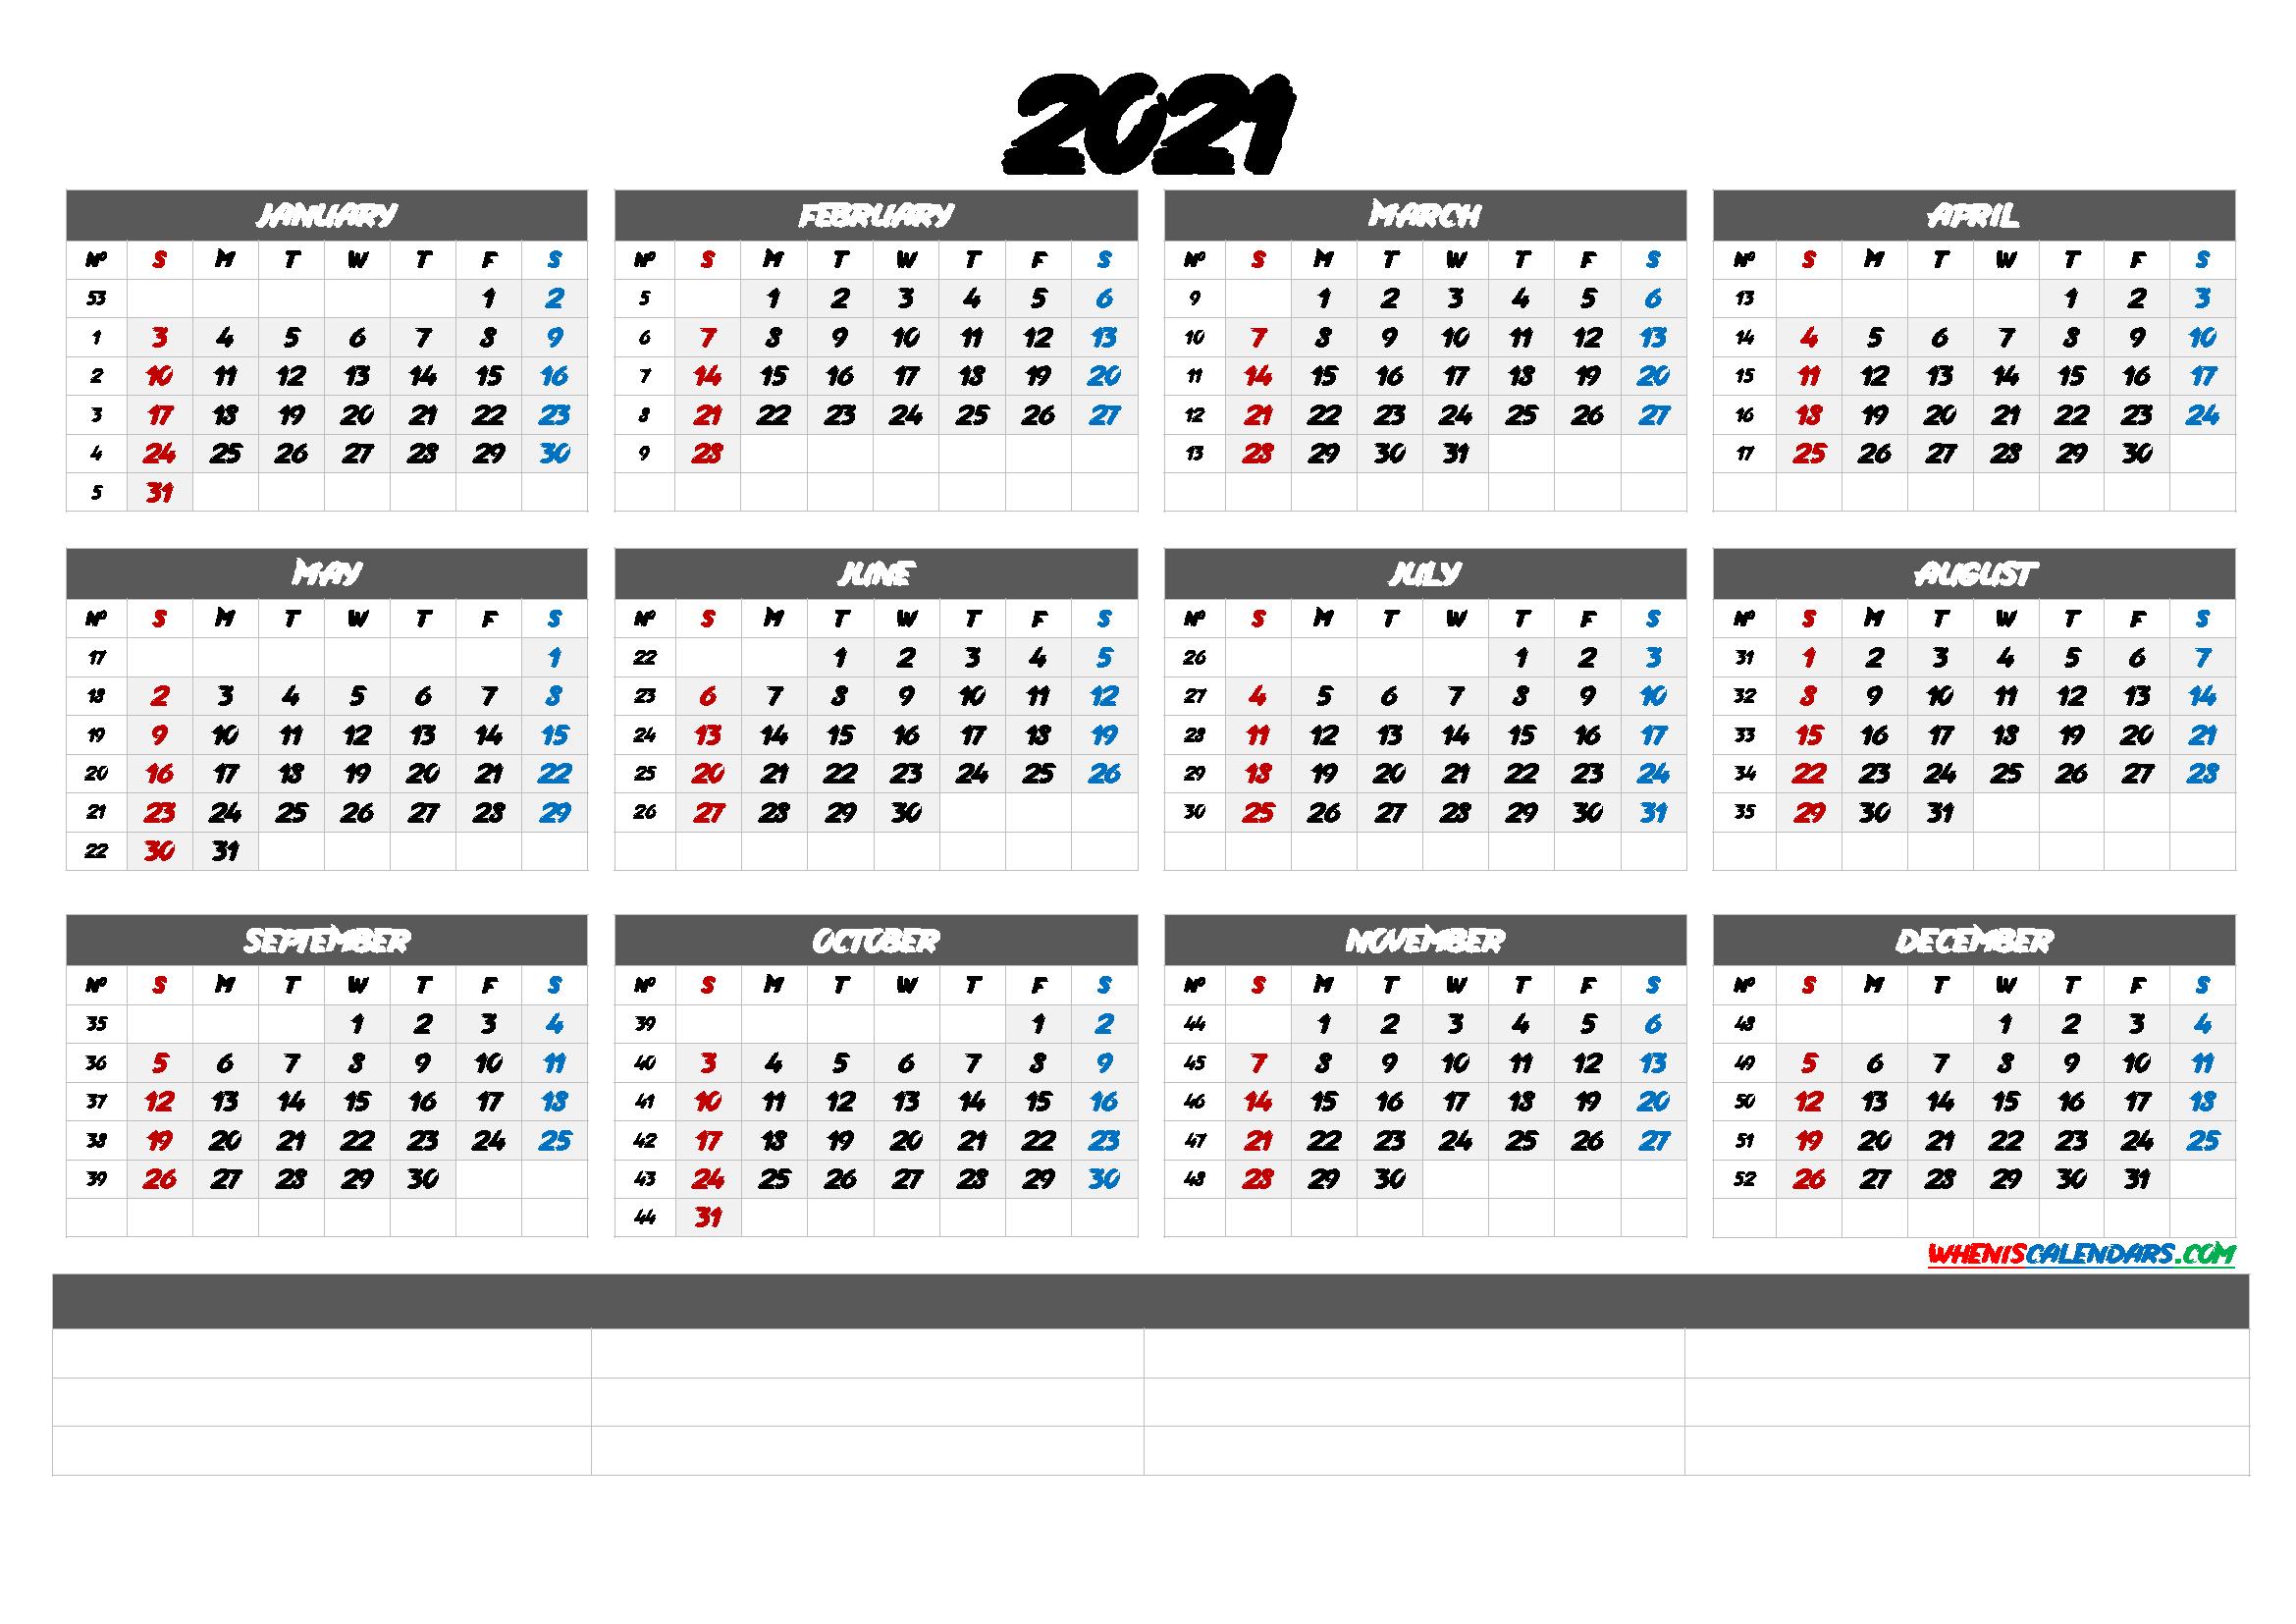 2021 Calendar With Week Number Printable Free 2021 Free